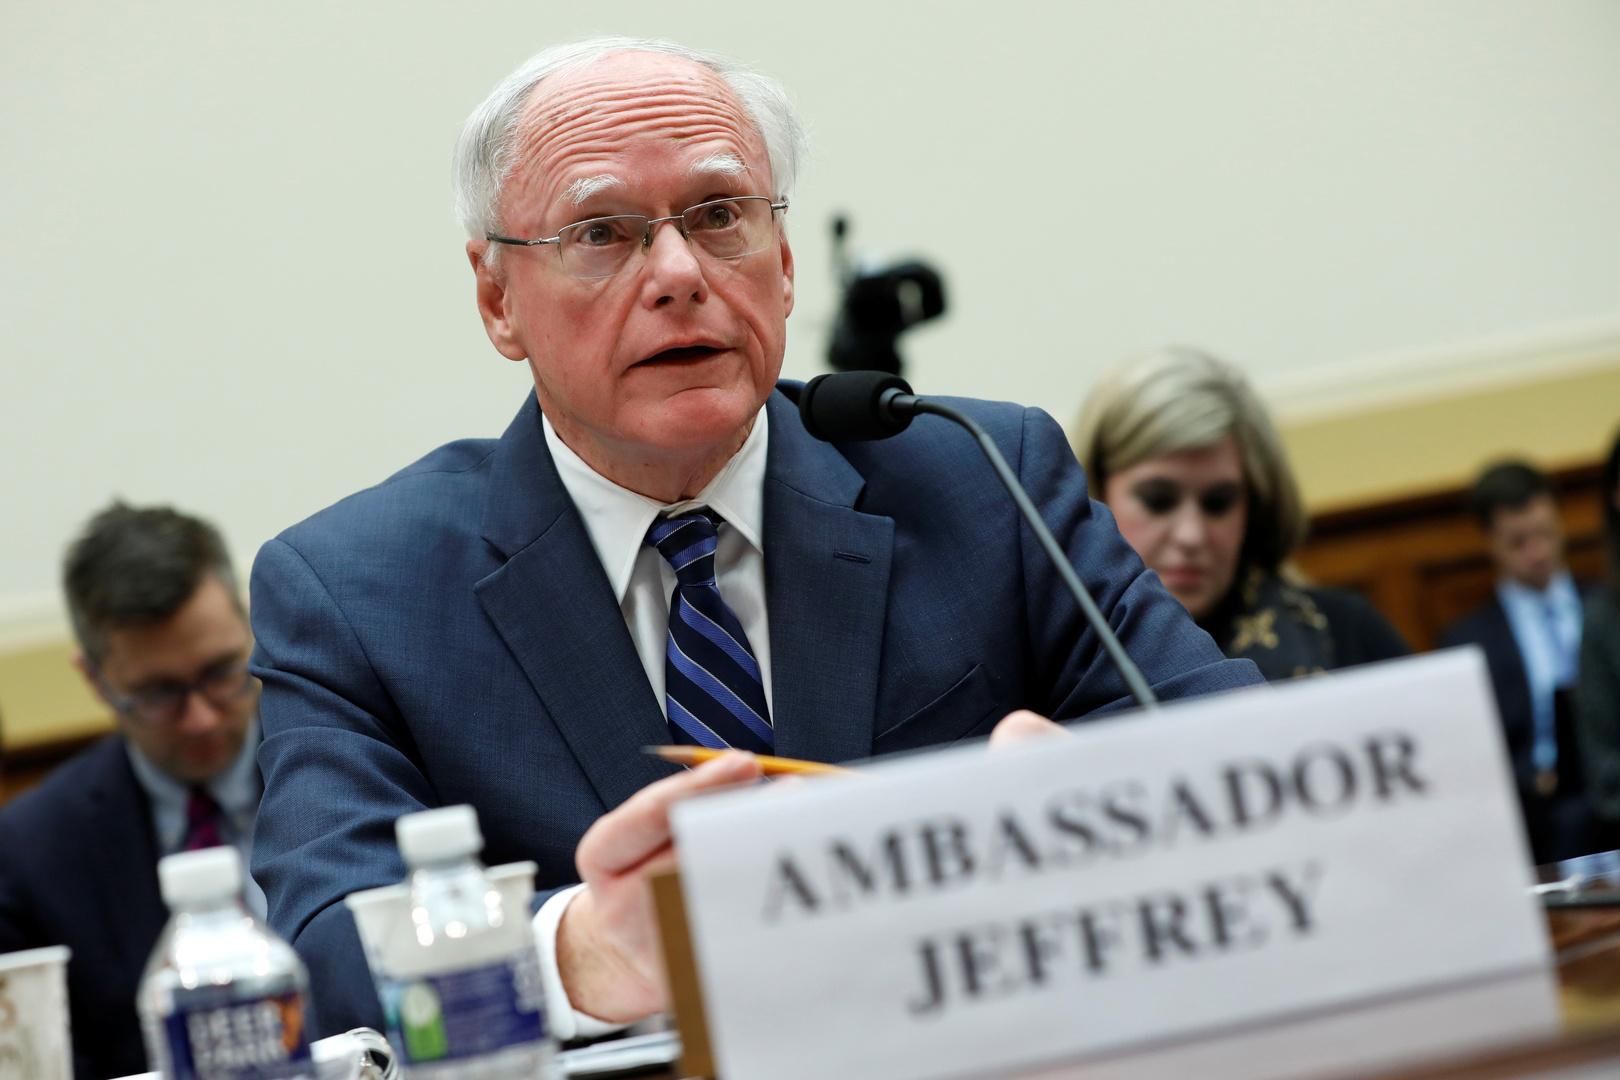 الولايات المتحدة: لا أراضي أخرى يمكن أن يسيطر عليها النظام السوري عسكريا